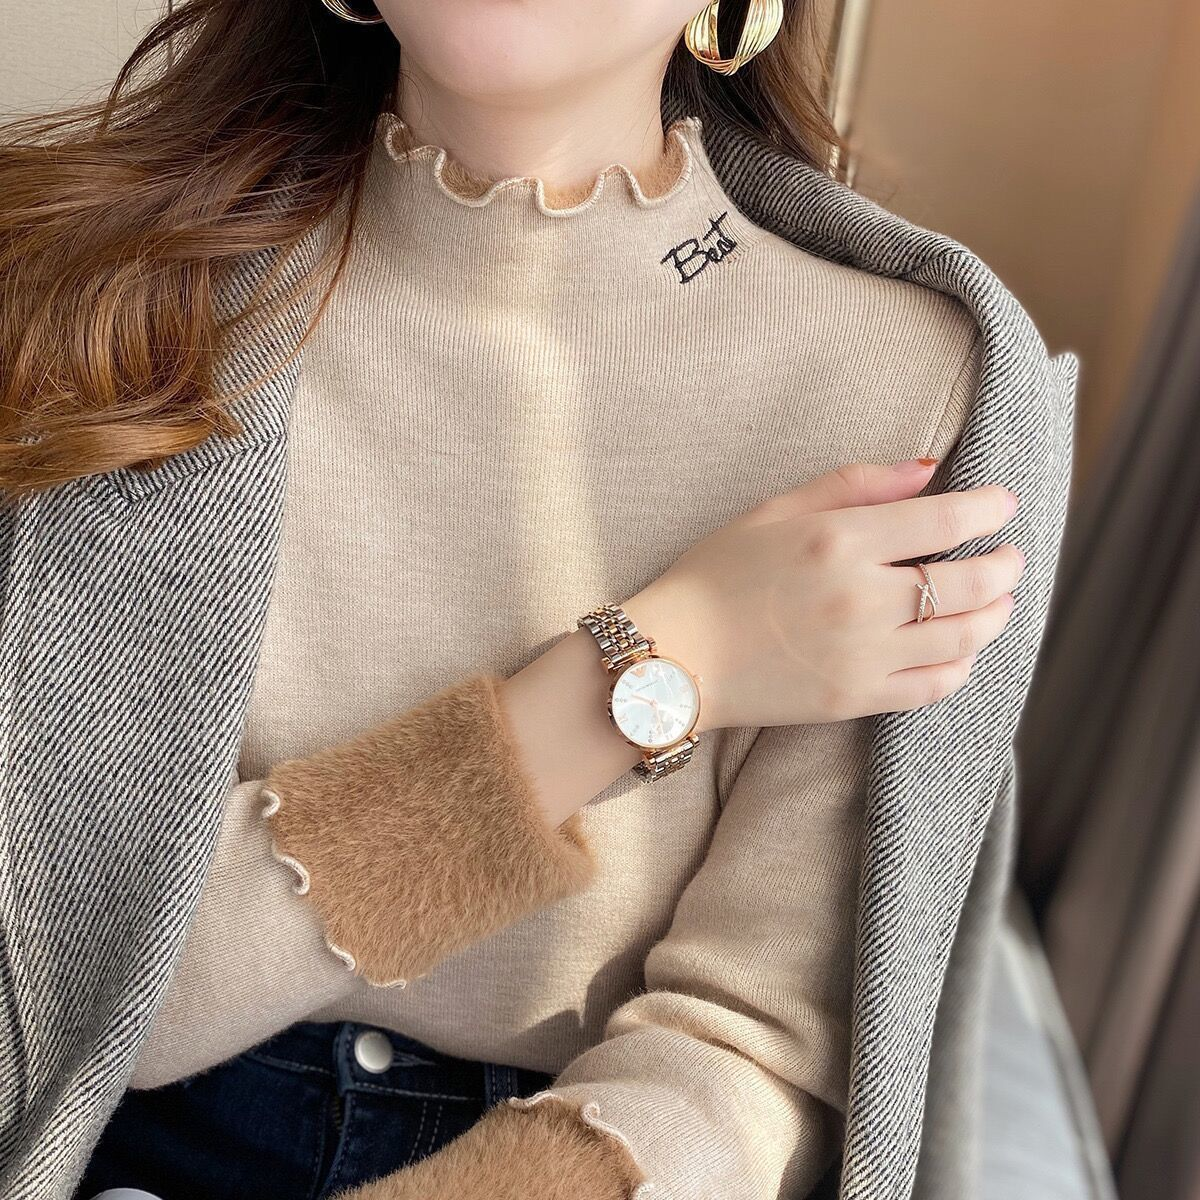 【實拍女裝】一體加絨毛衣打底衫女秋冬2020年新款洋氣半高領內搭加厚保暖上衣